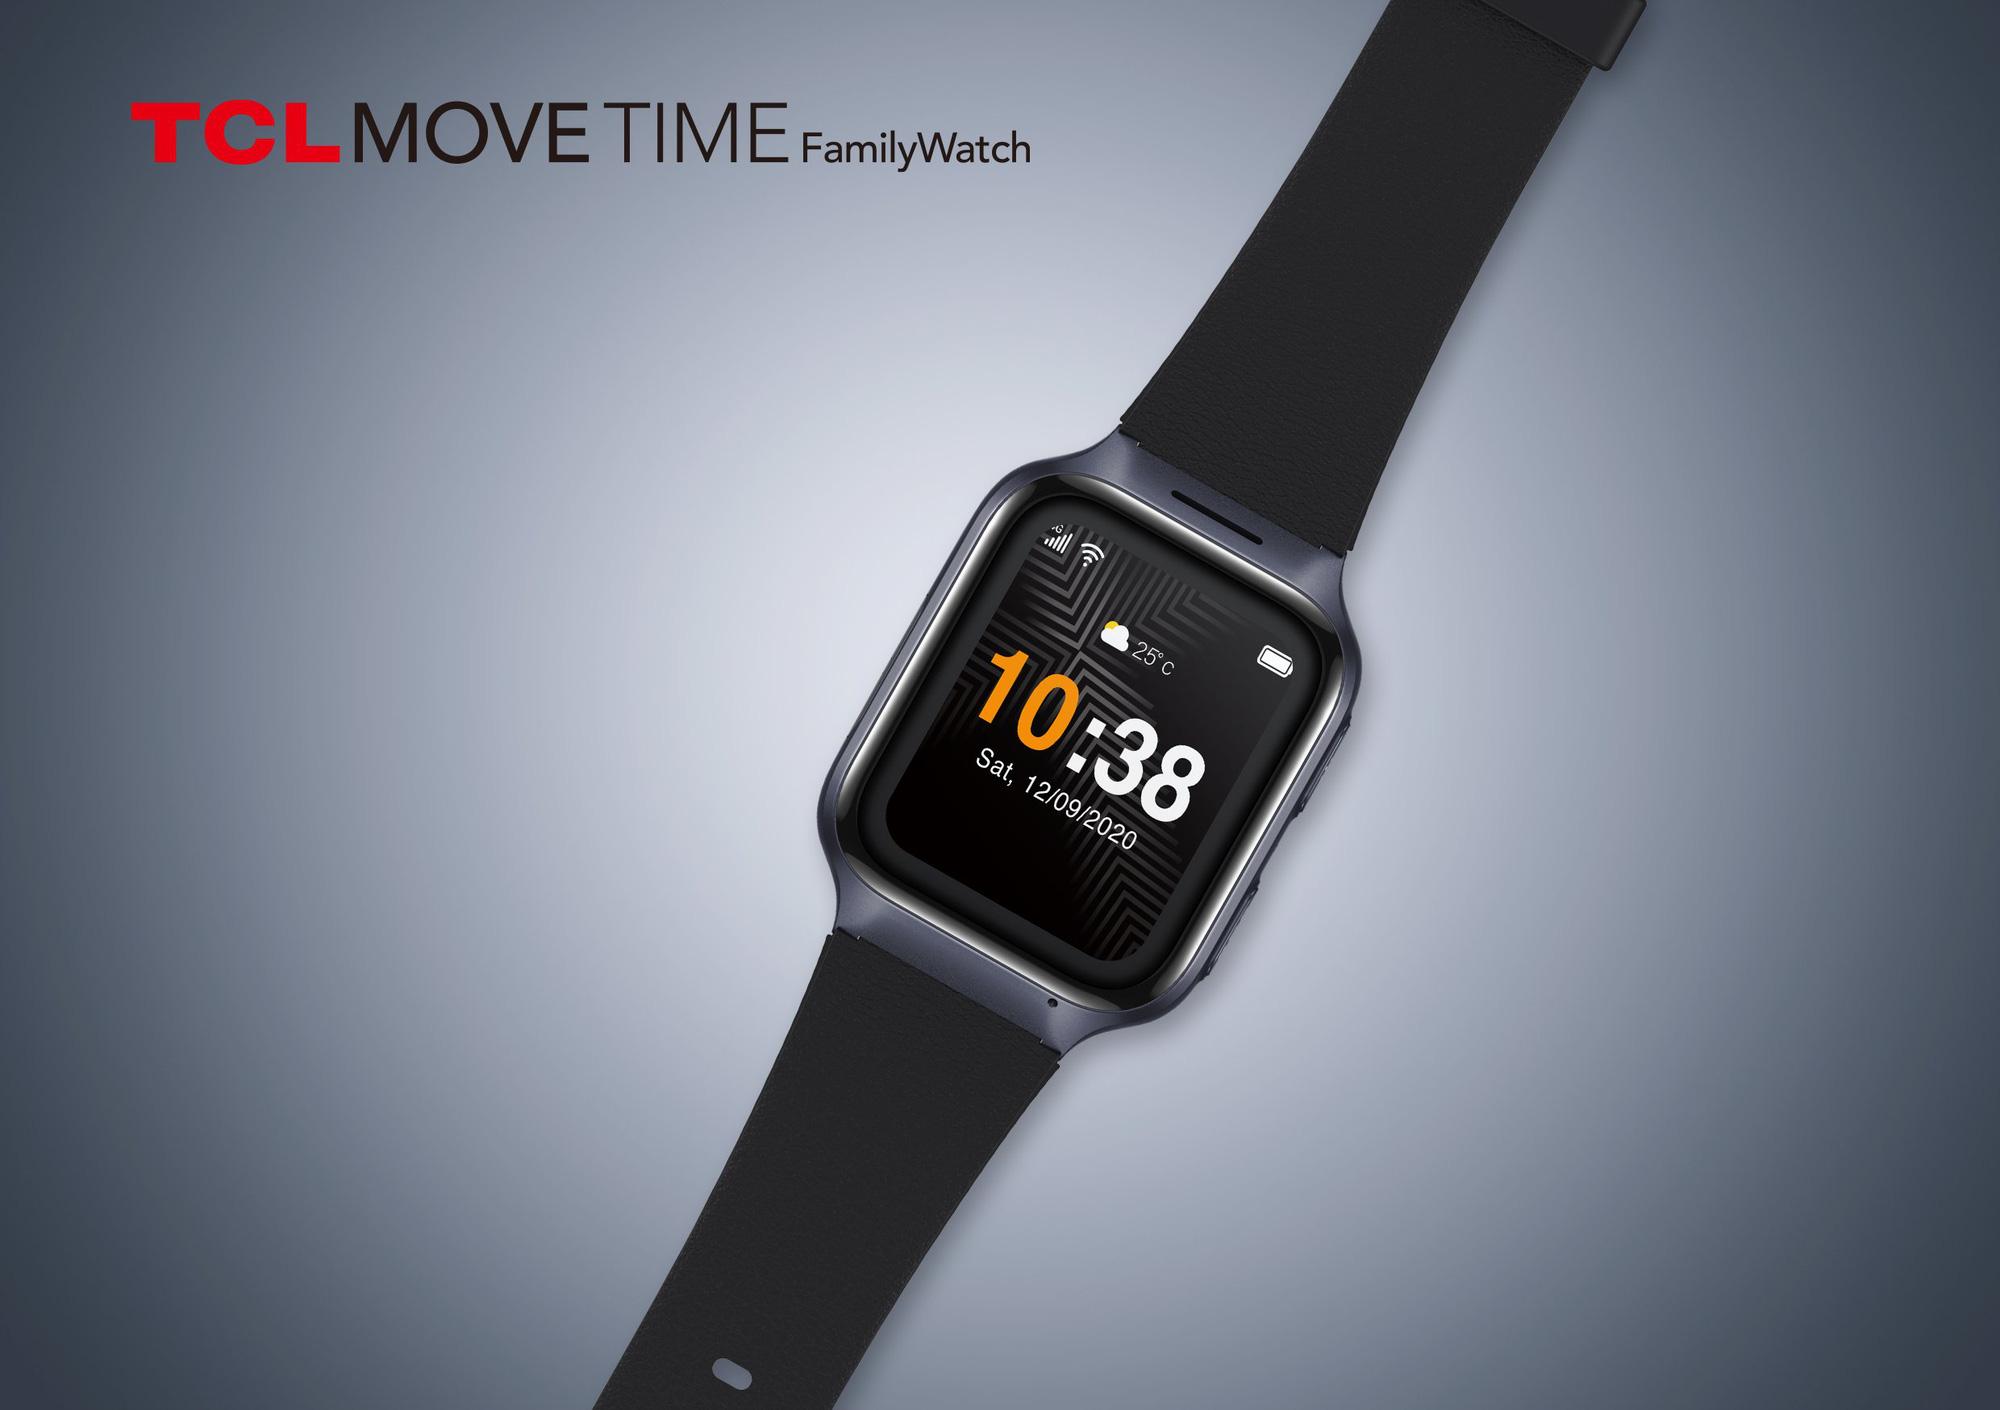 Hãng TCL tung dòng đồng hồ thông minh cho người già, tính năng độc đáo - Ảnh 1.